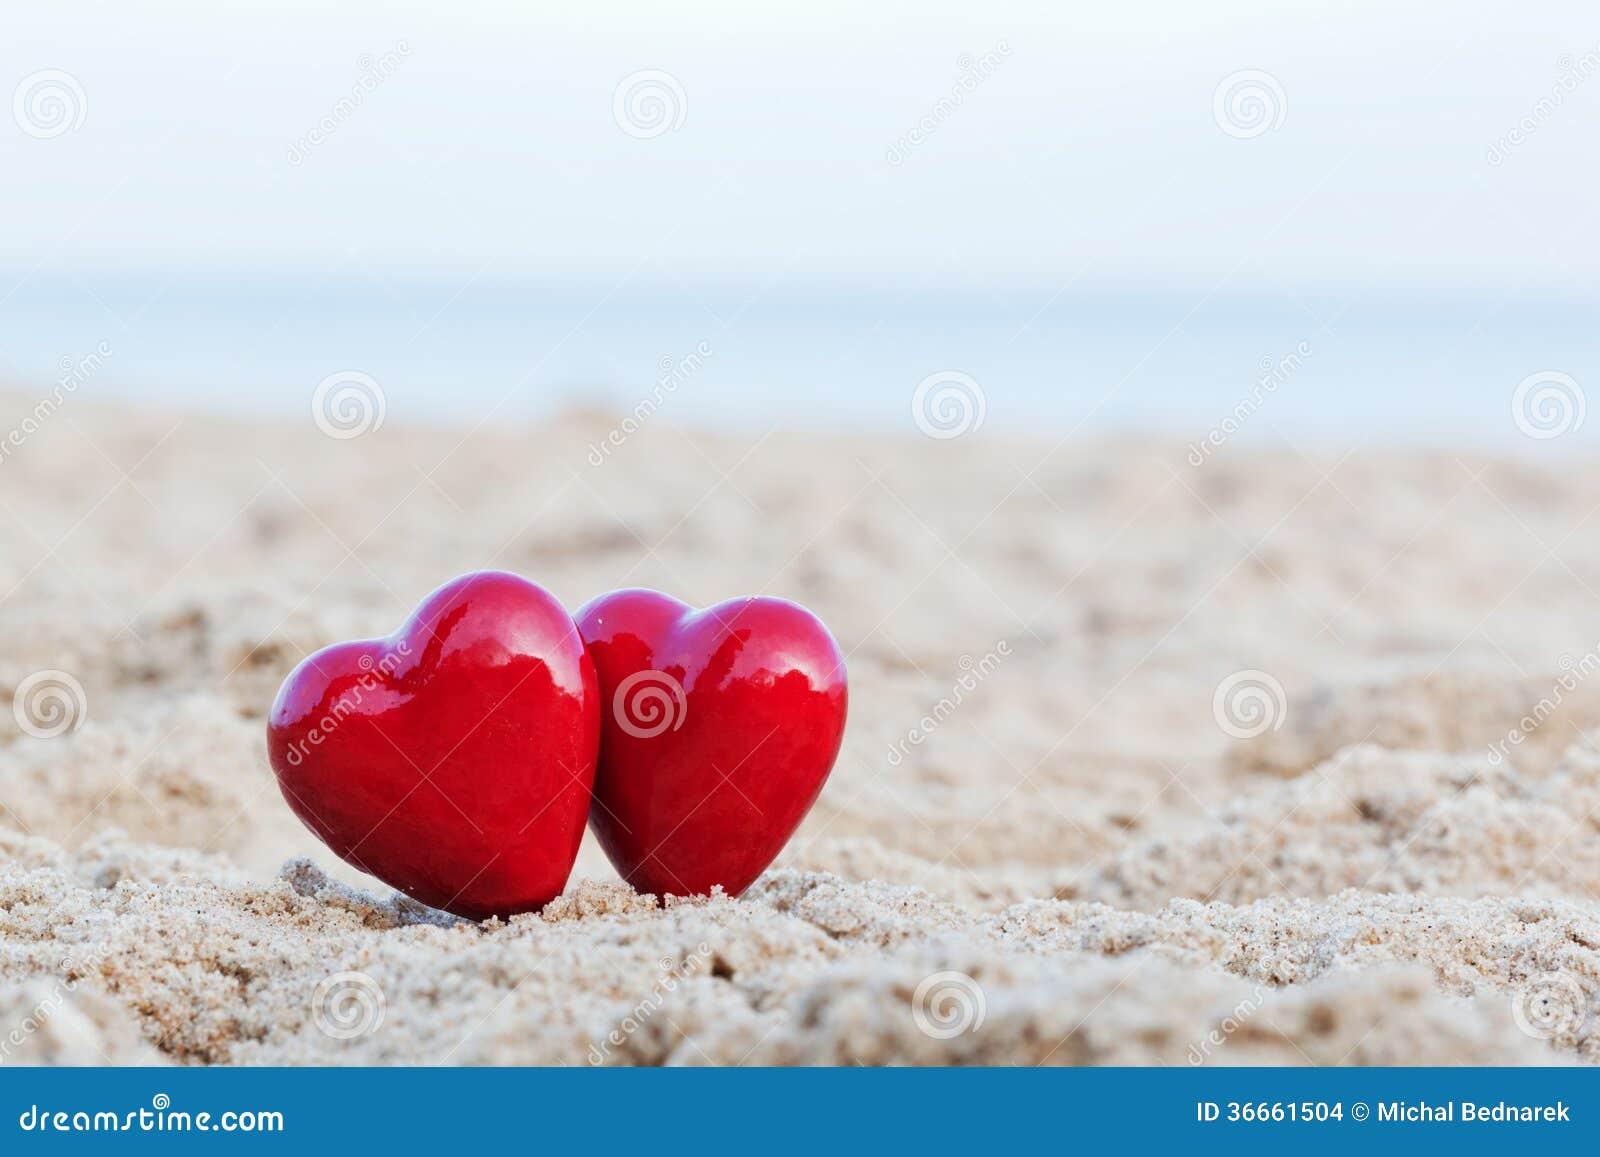 Dos corazones rojos en la playa. Amor